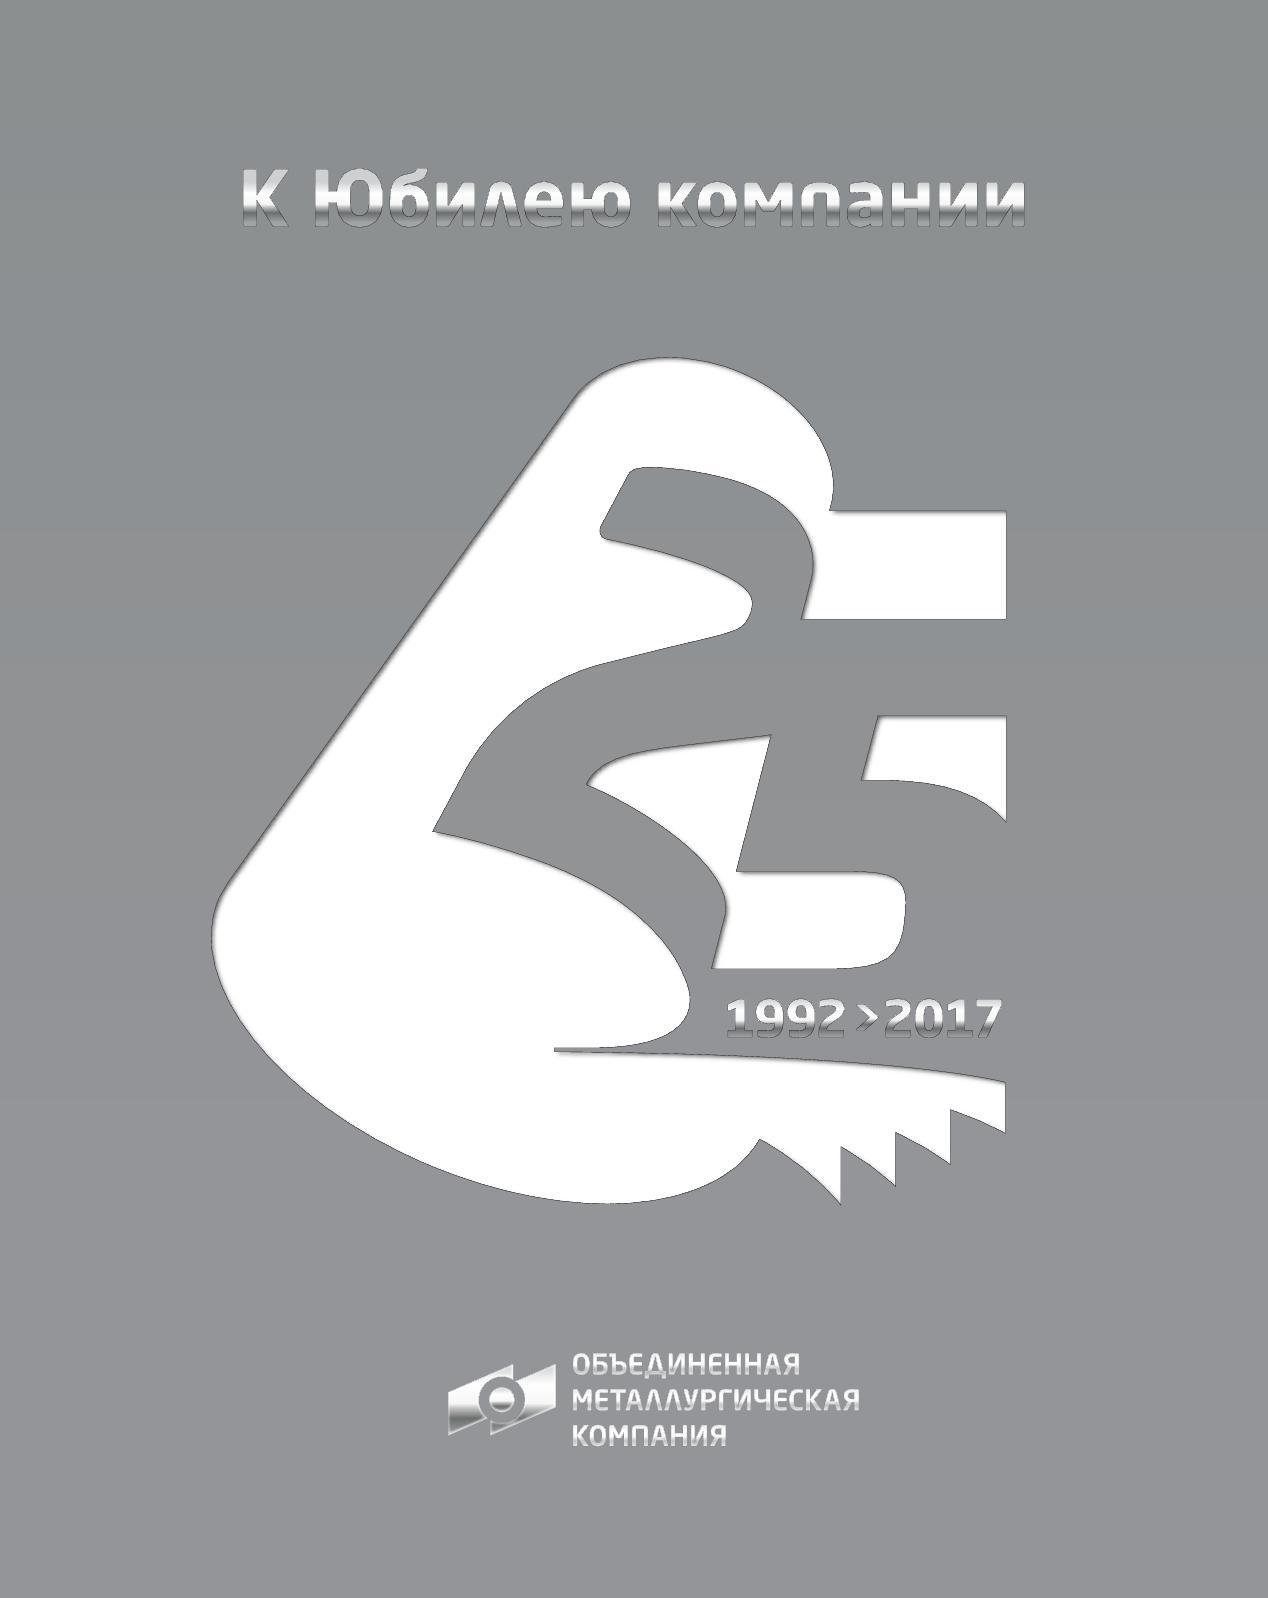 ОМК КОМАНДА 03 2017